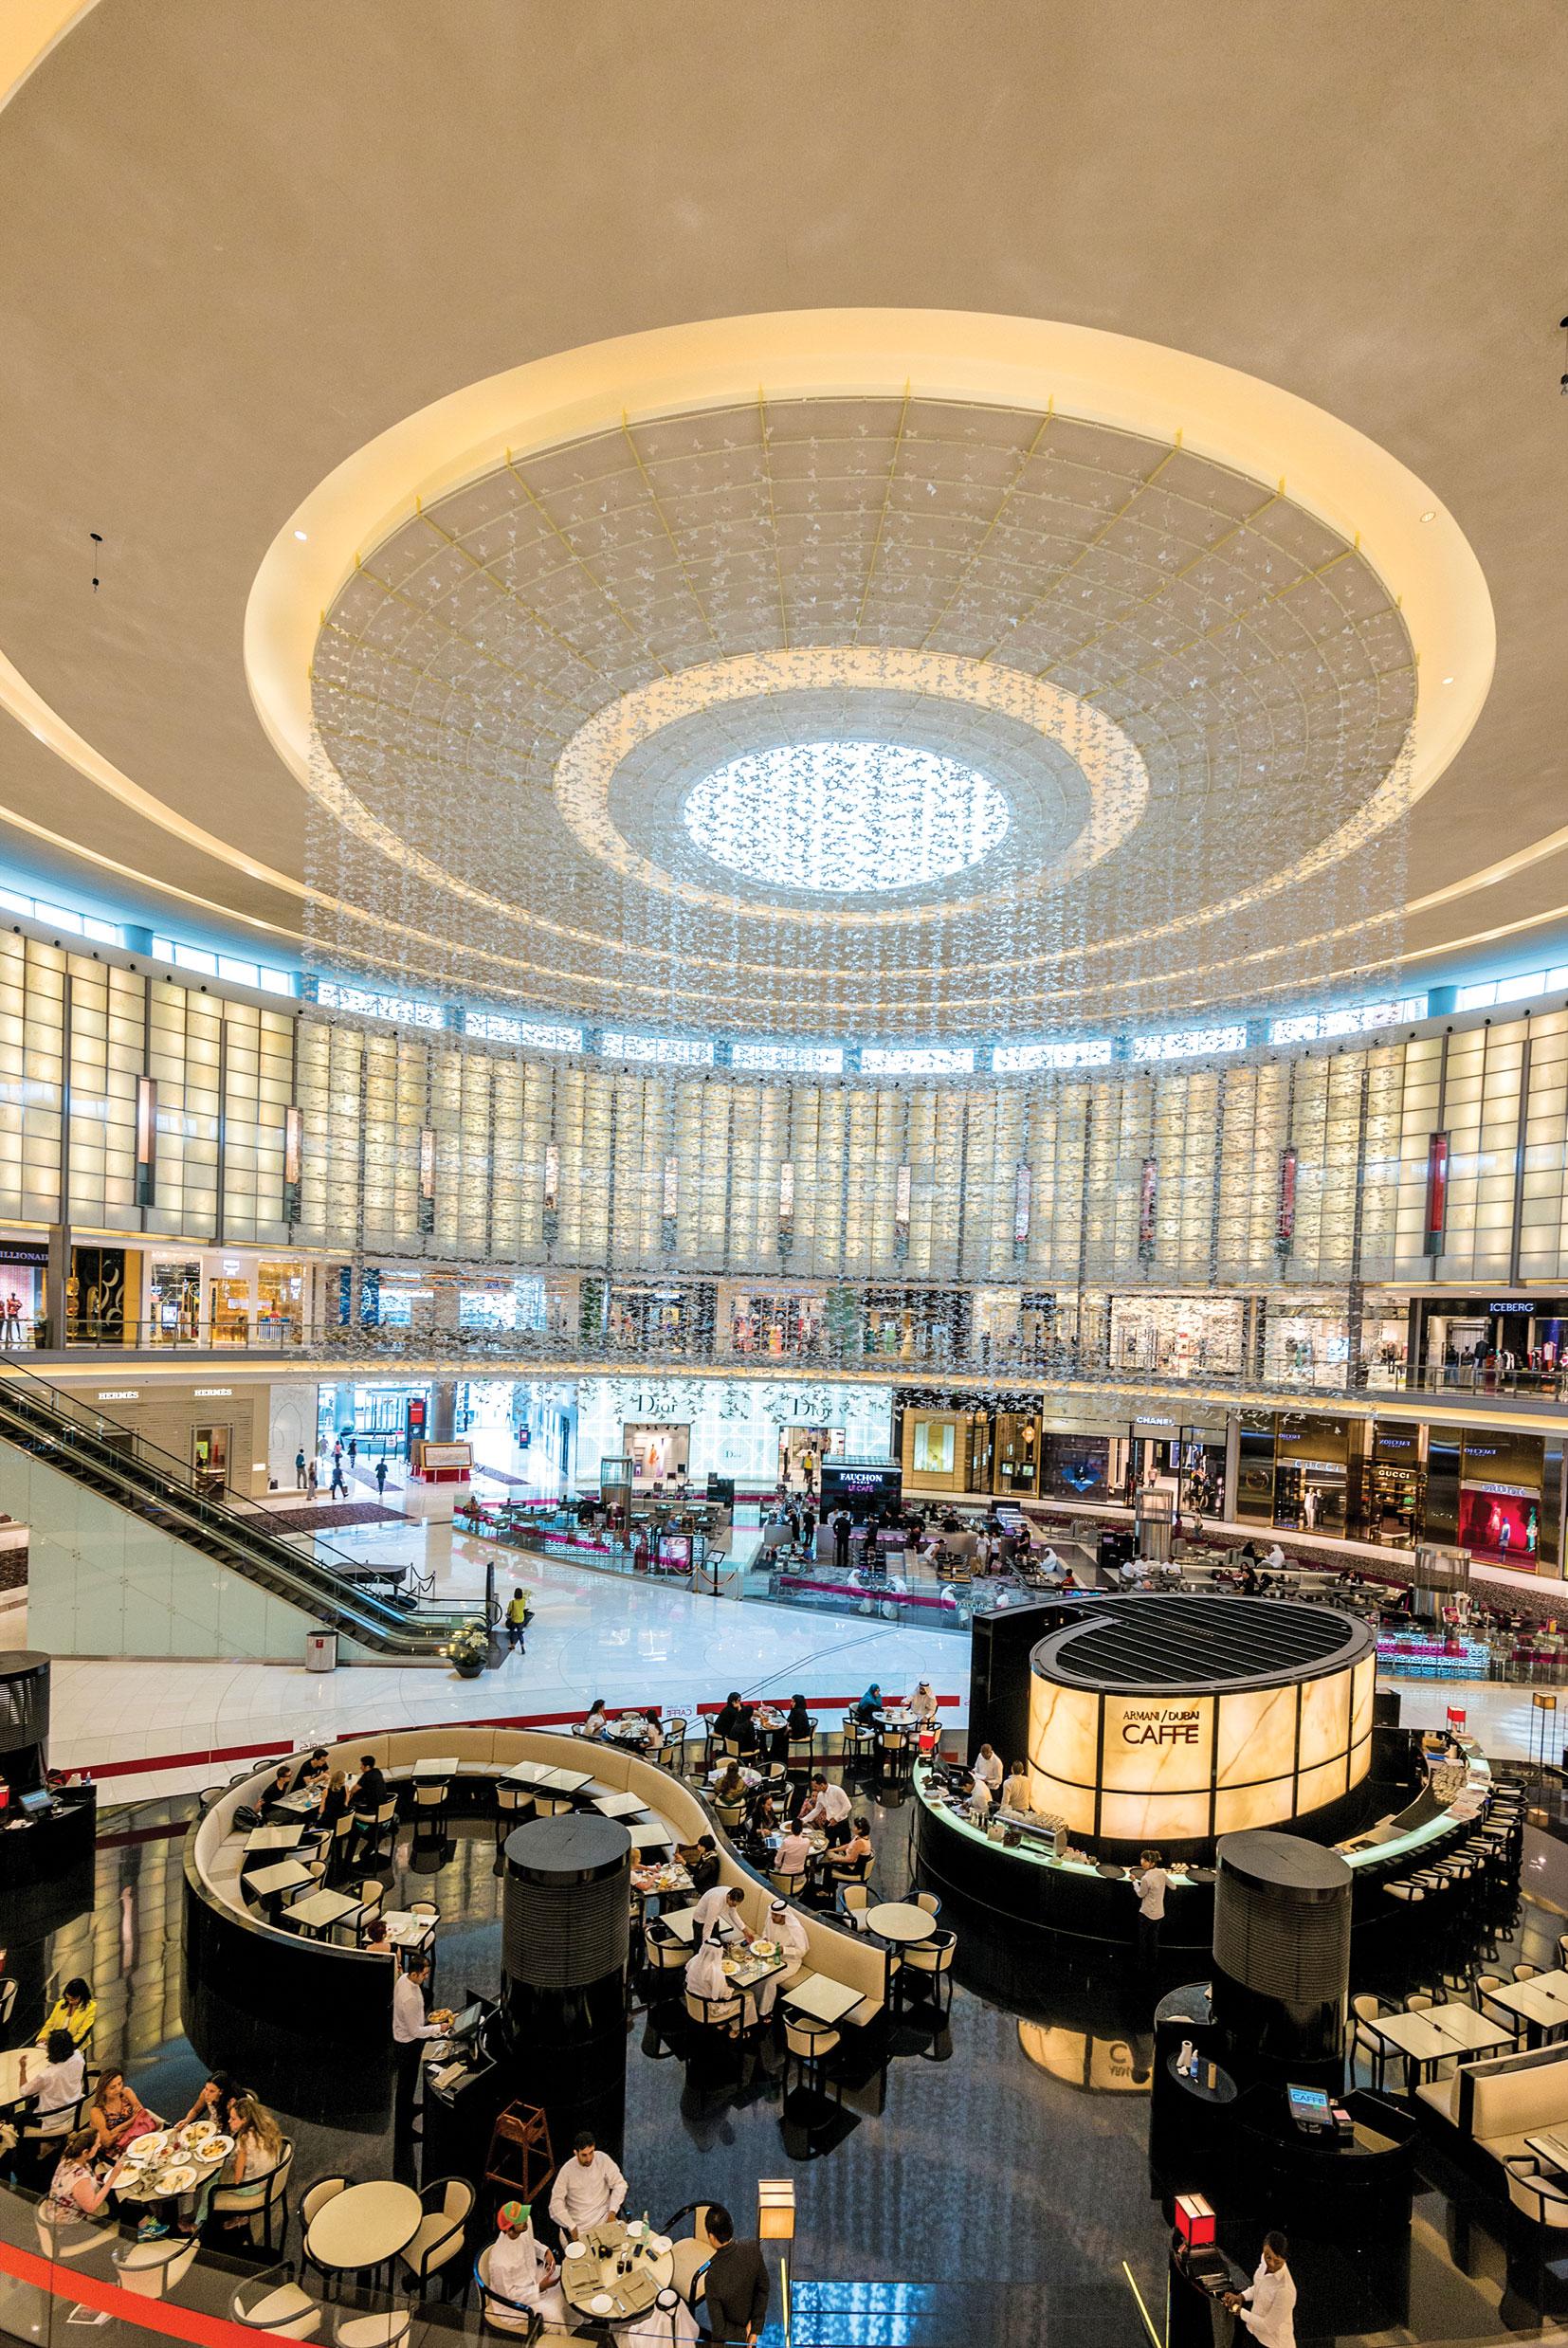 Shop-your-way_Dubai_shutterstock_139985599_cHR